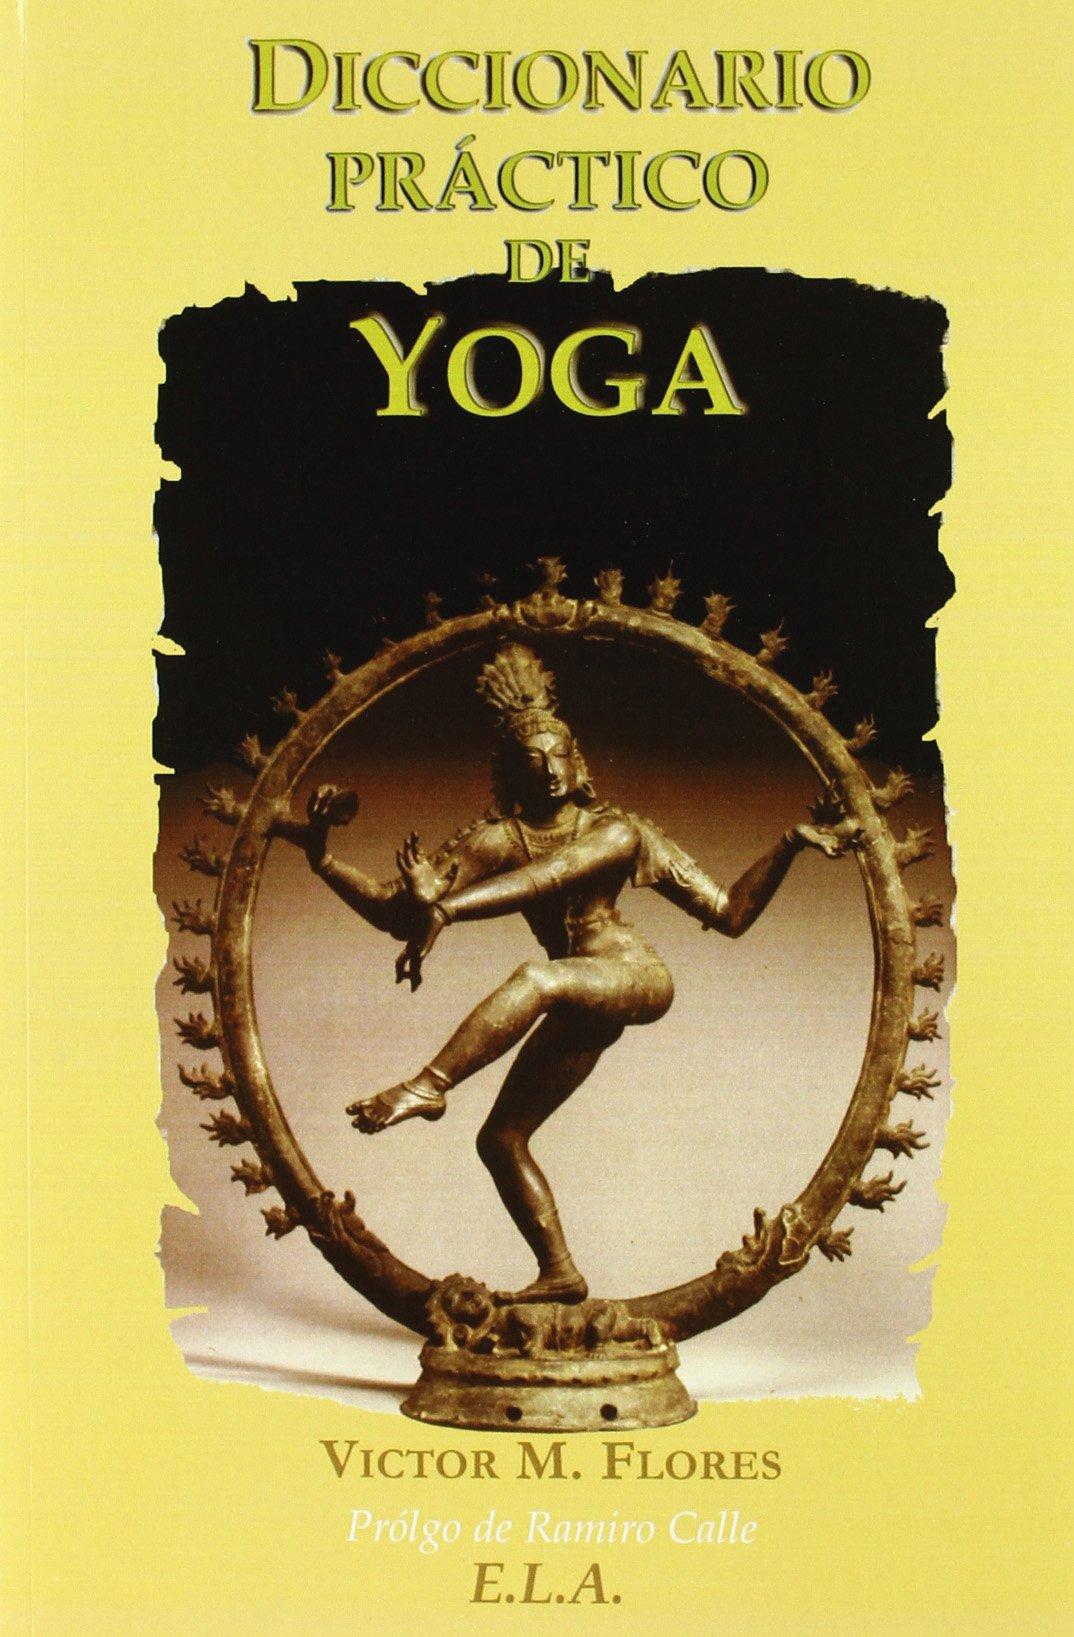 Diccionario práctico de Yoga: Víctor Martínez Flores ...